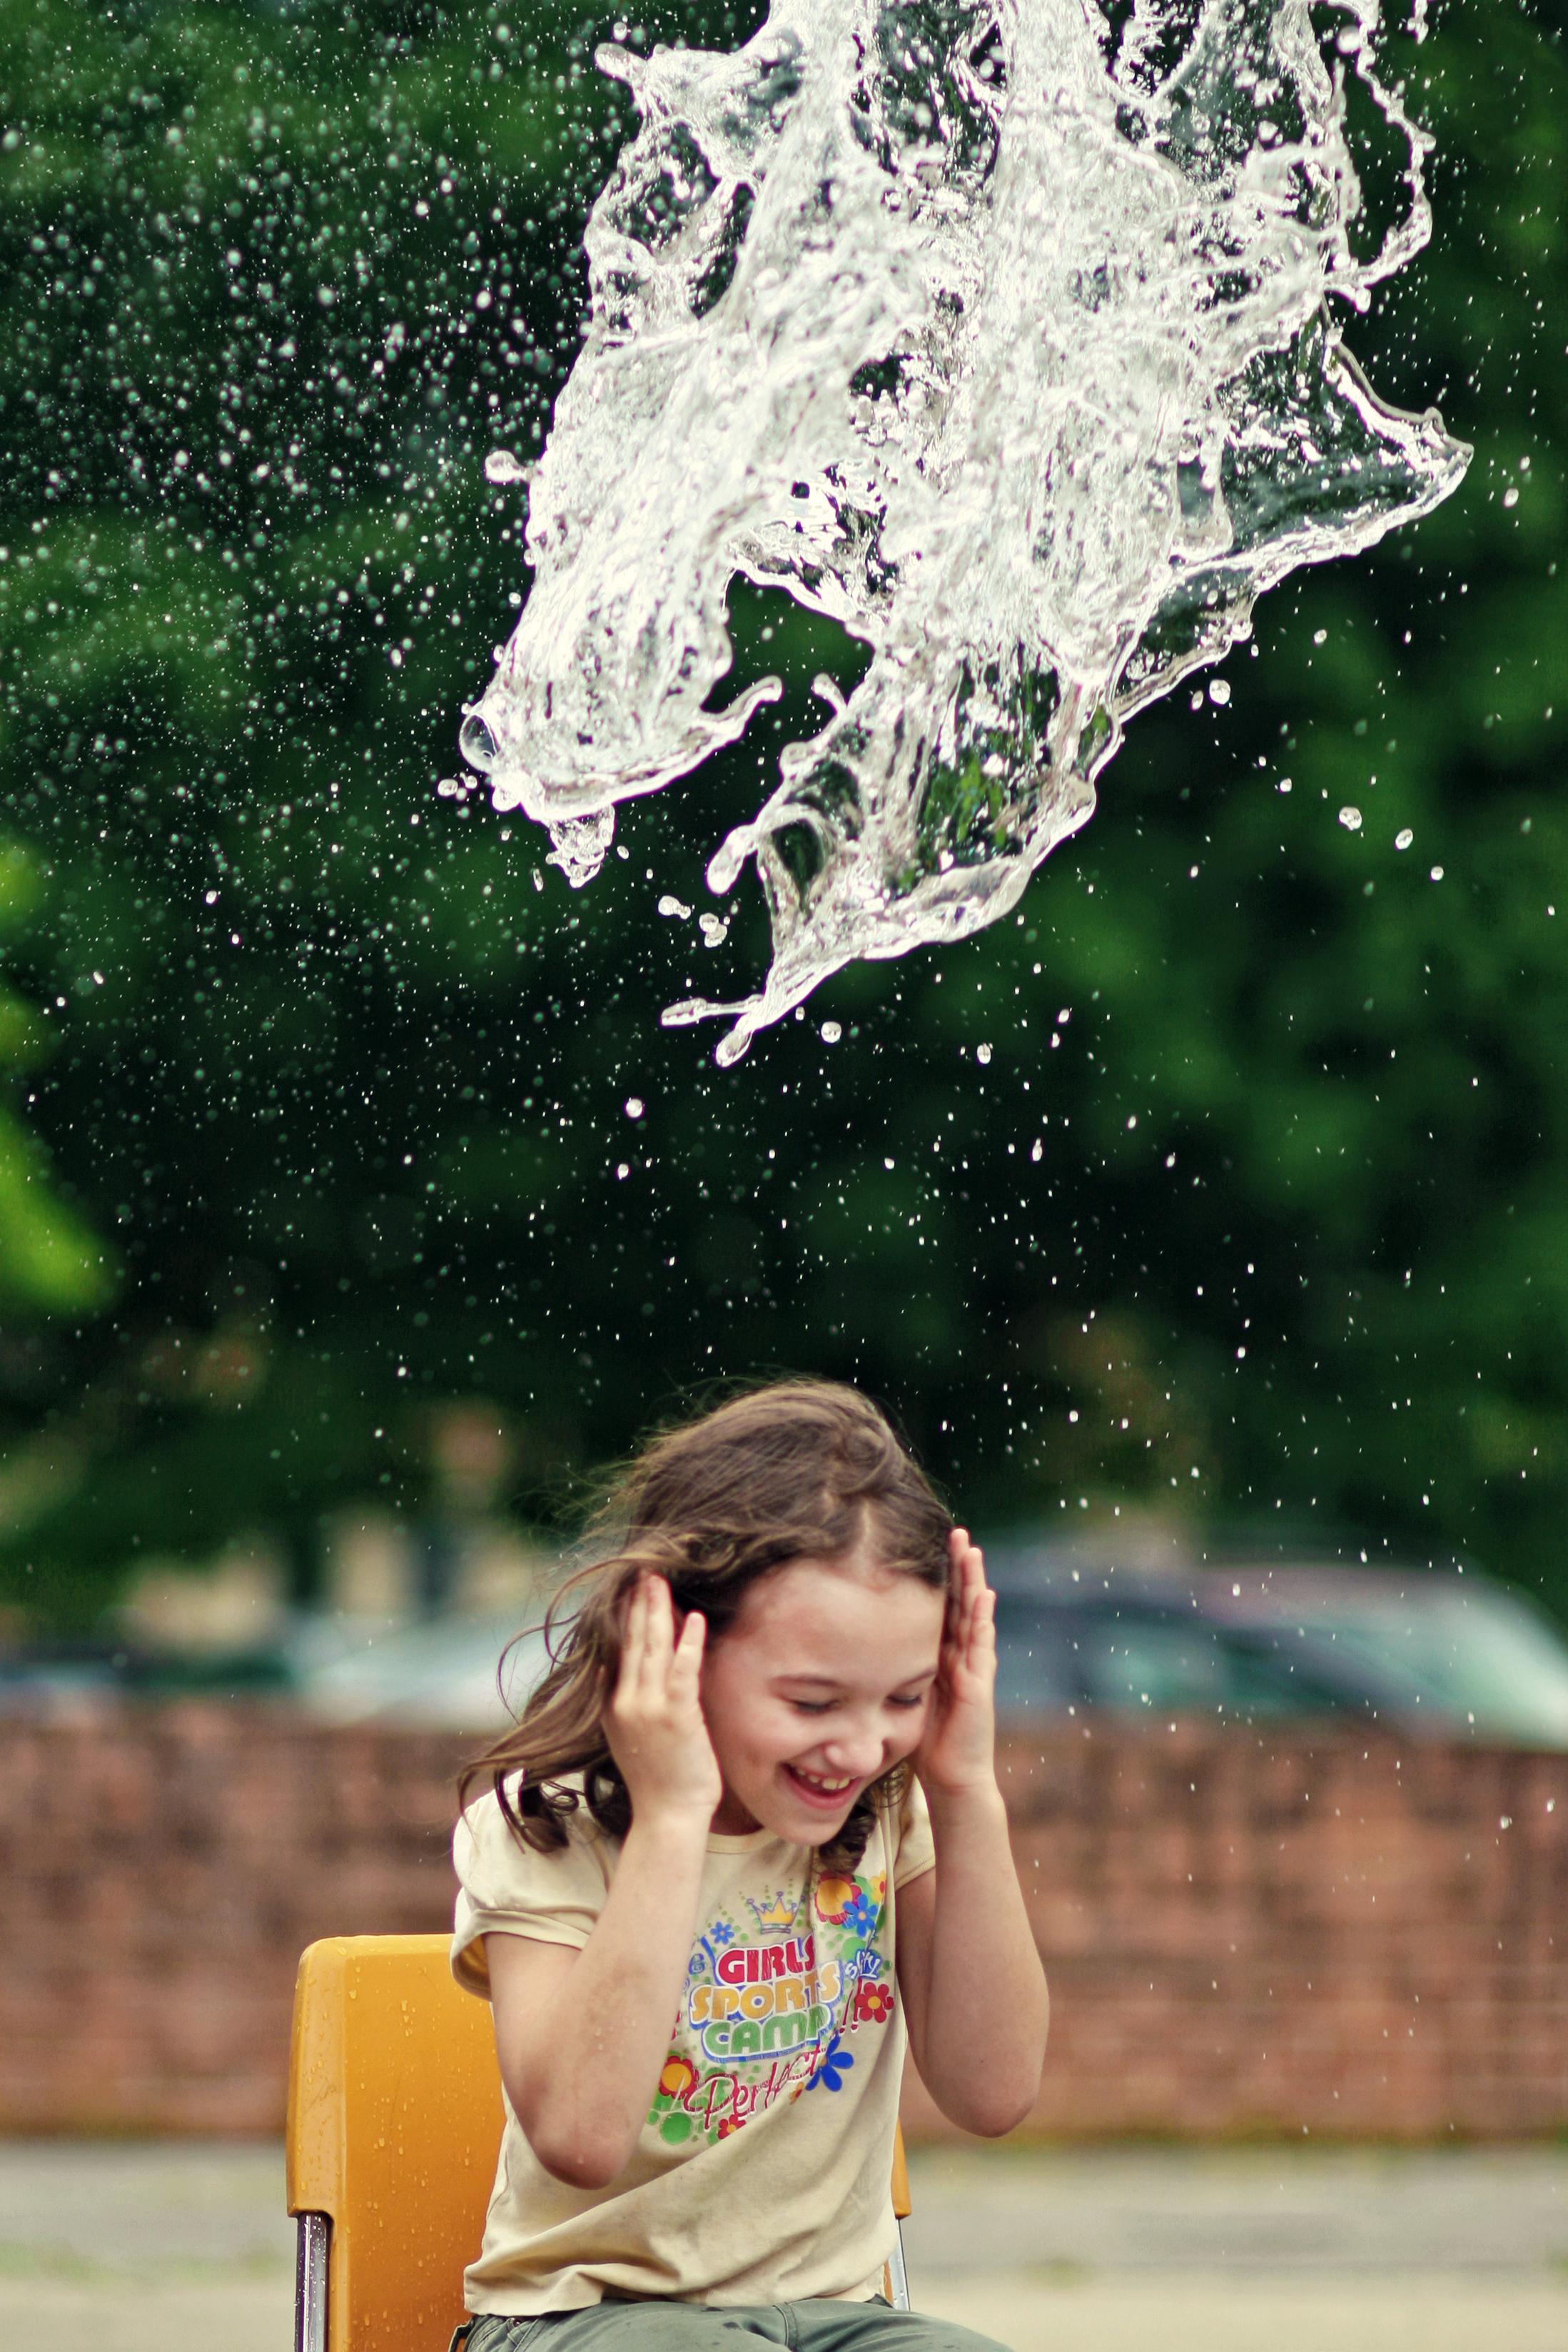 080527_waterballoons_3065.jpg